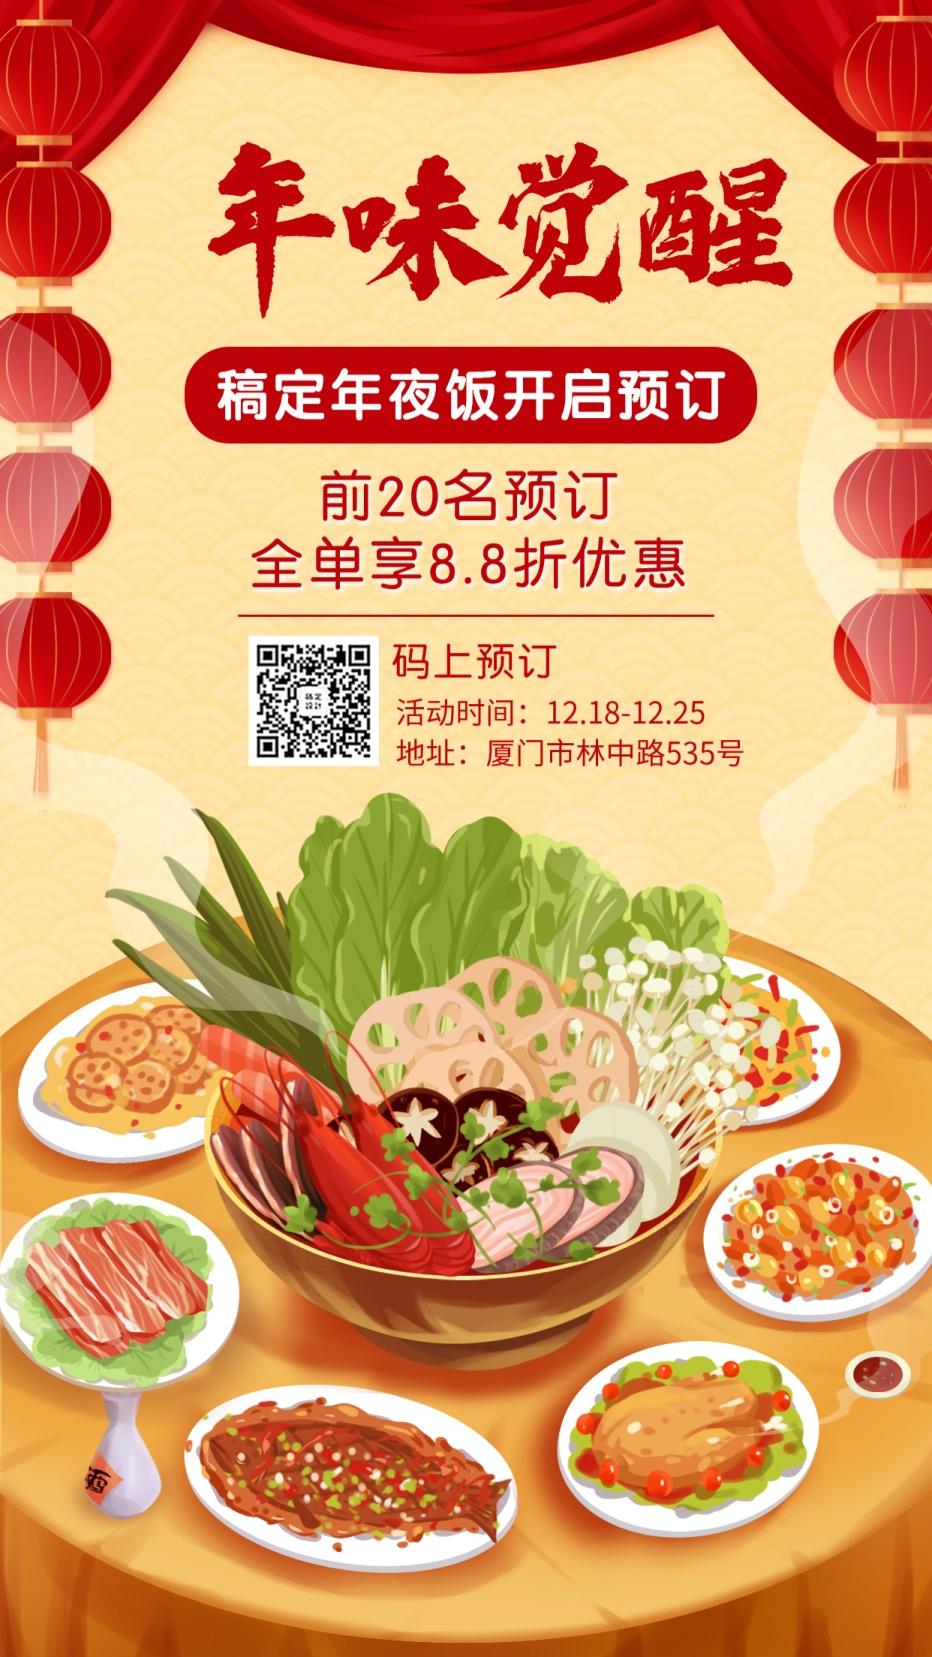 春节年夜饭预订/餐饮美食/中国风手绘/手机海报